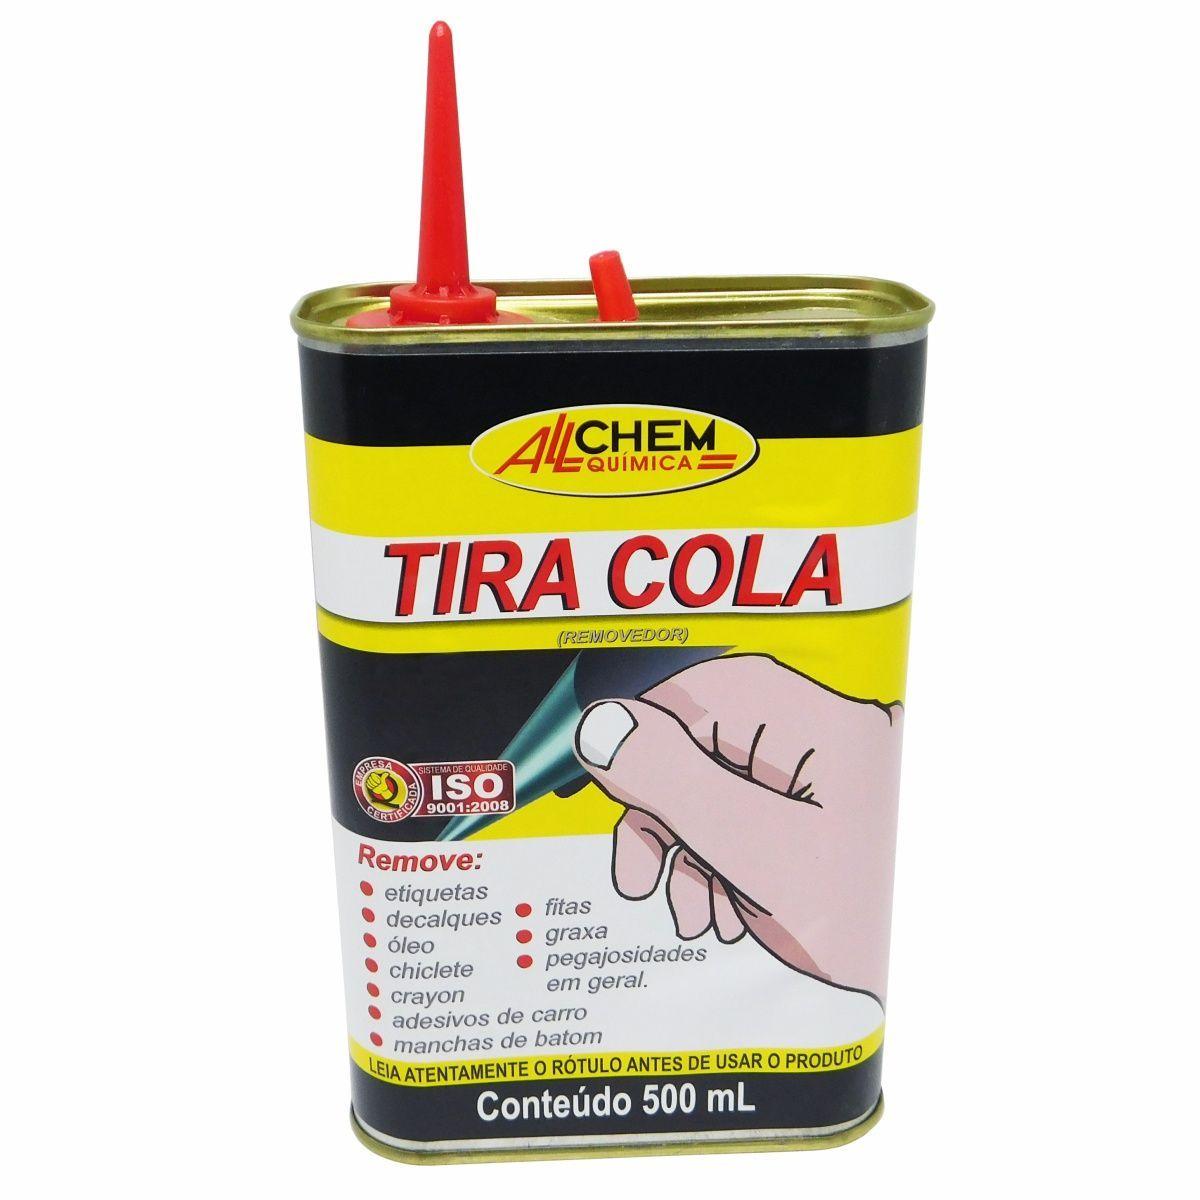 tira-cola-allchem